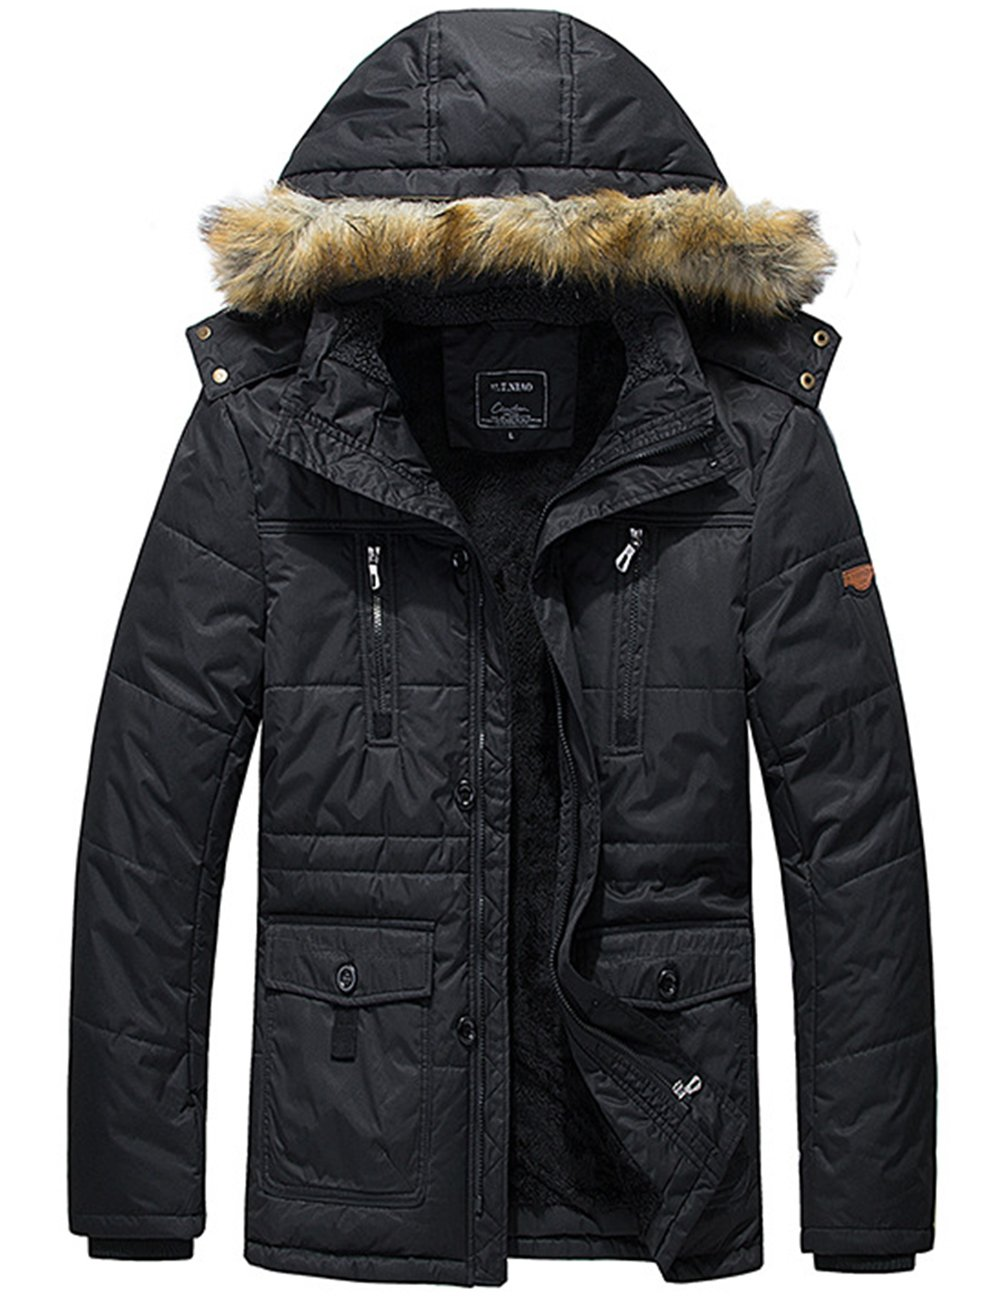 Menschwear OUTERWEAR メンズ B075F7L2QX XL|ブラック ブラック XL